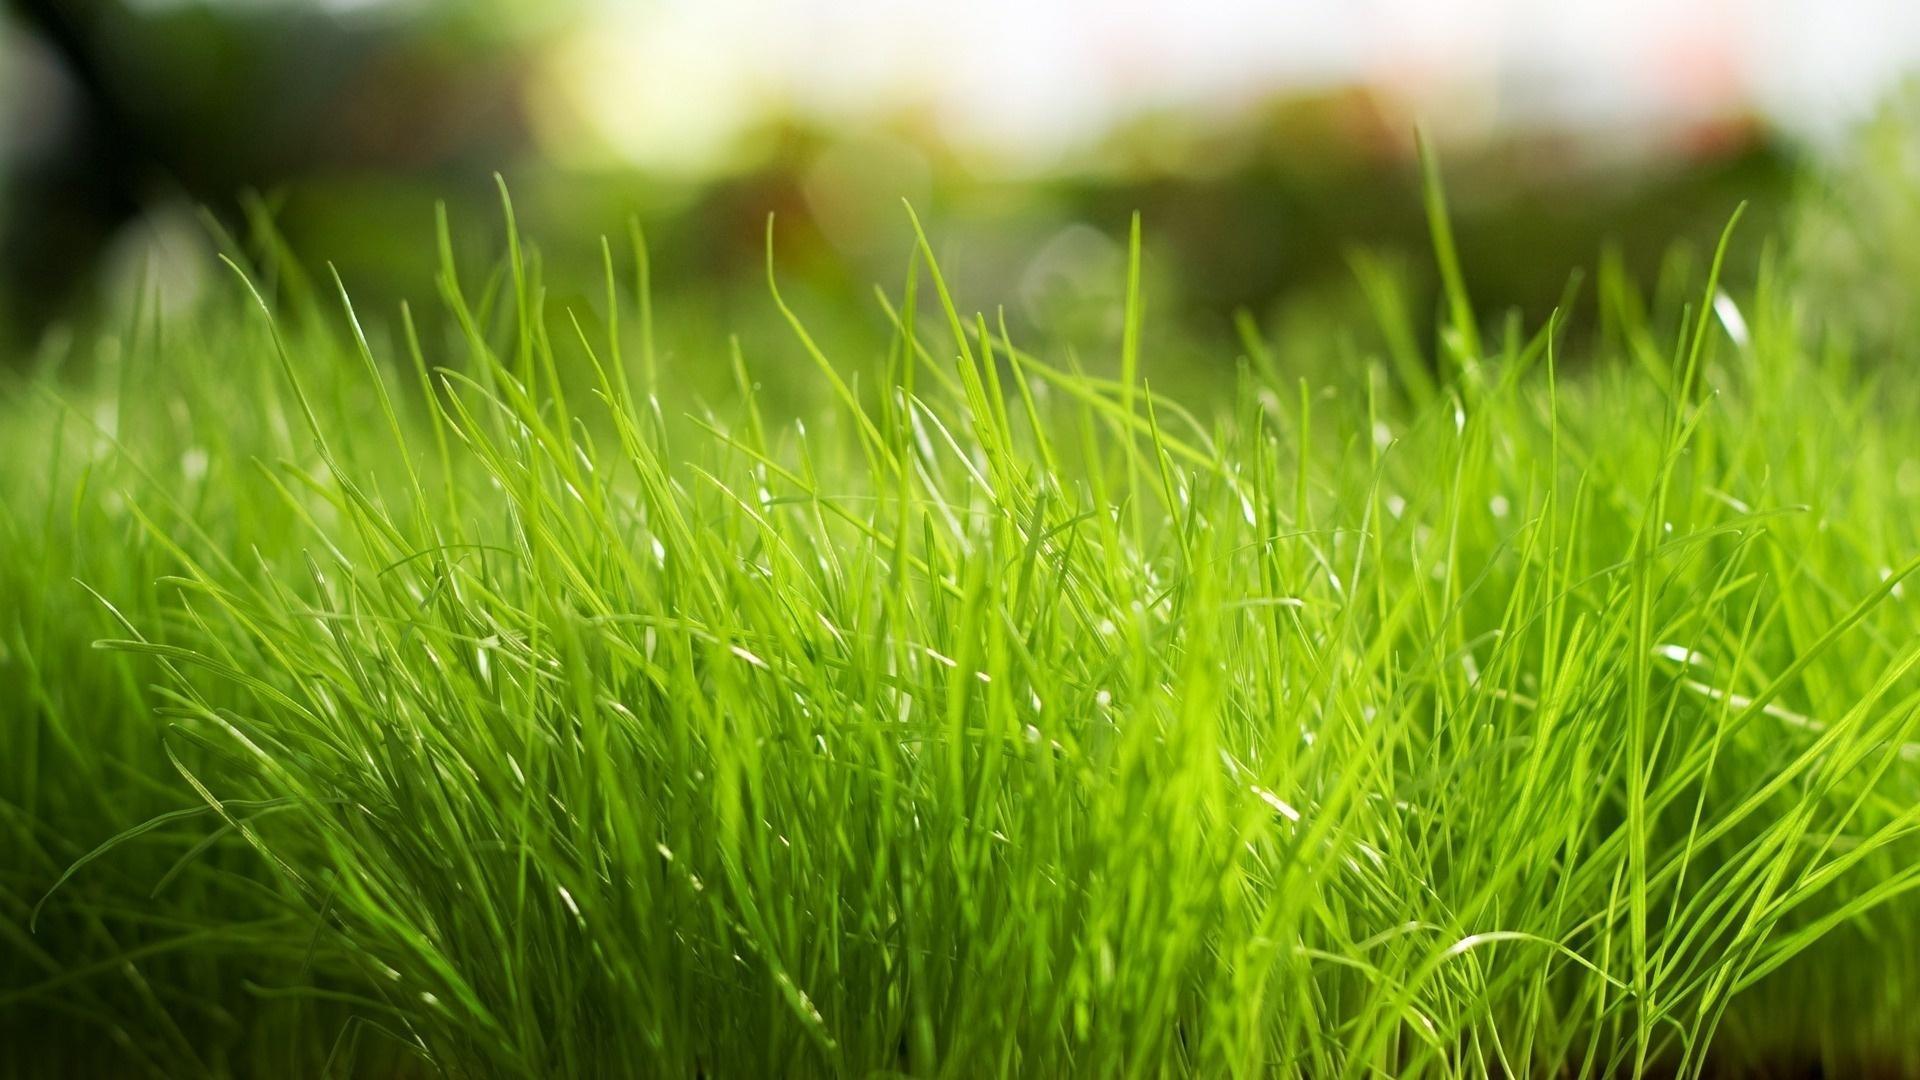 11826 скачать обои Растения, Трава, Фон - заставки и картинки бесплатно